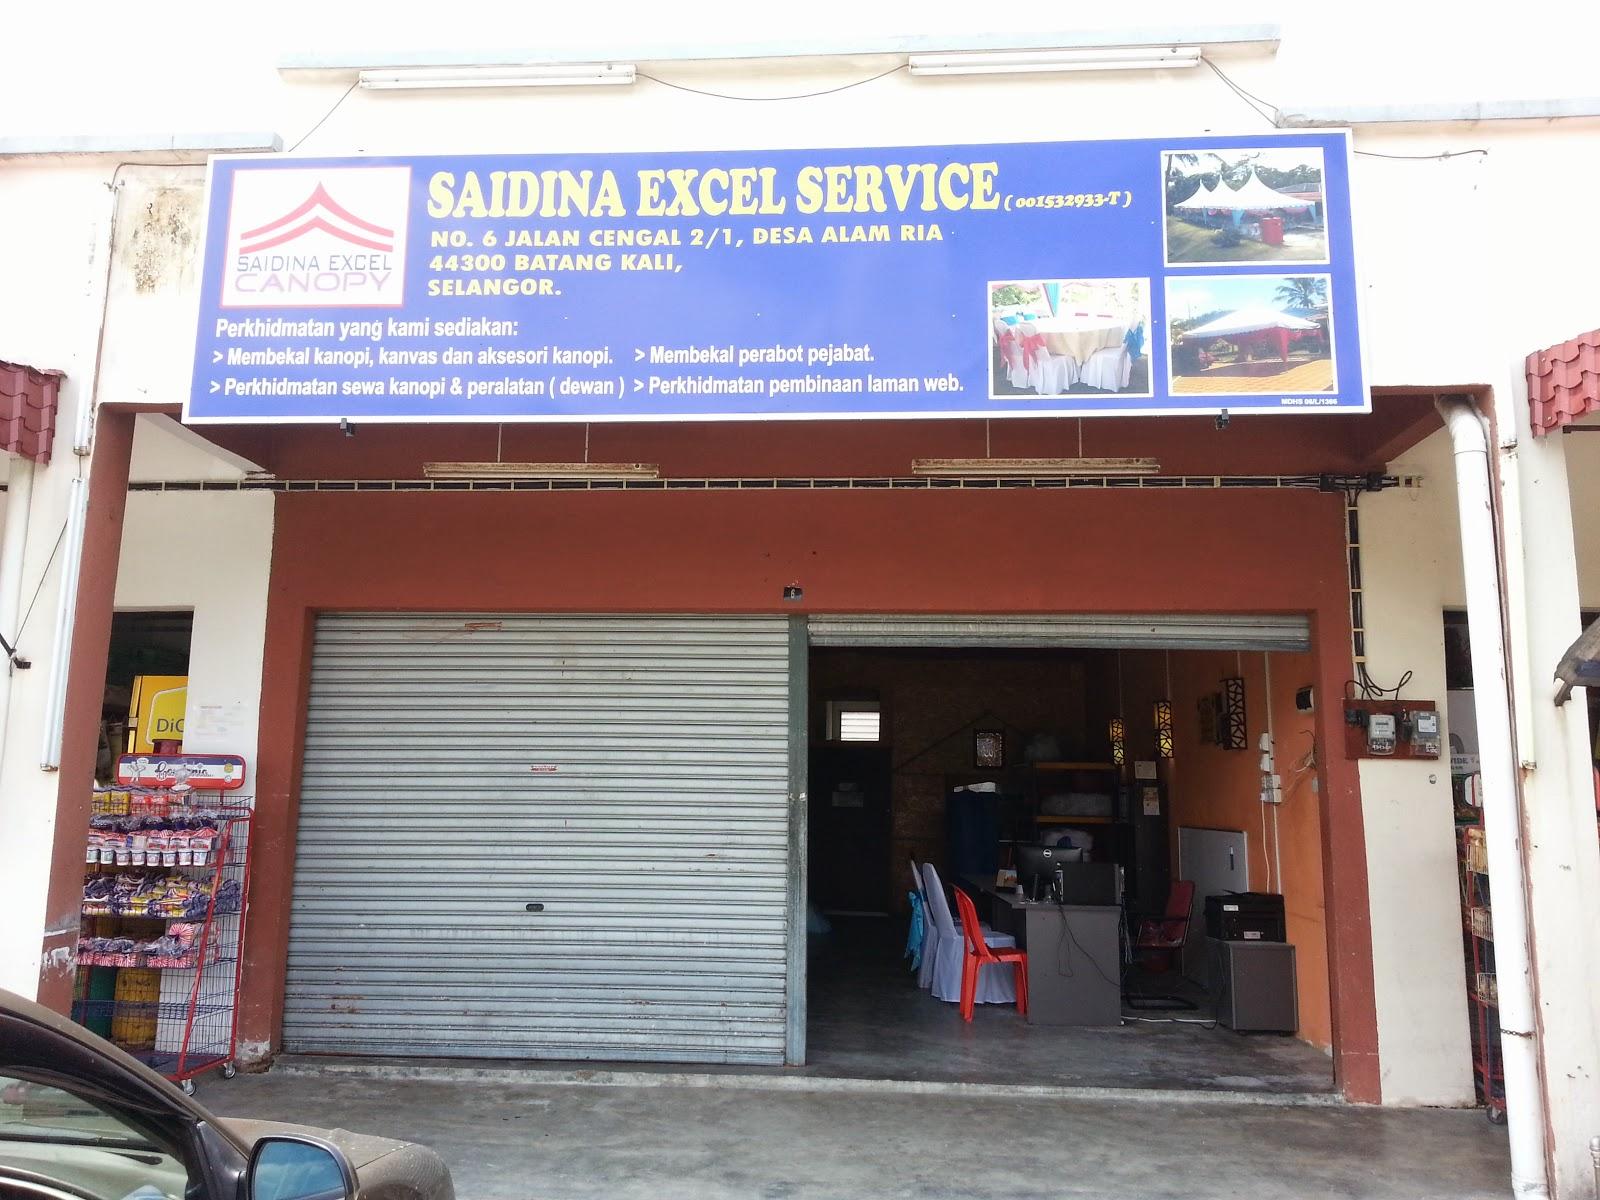 Alamat dan lokasi Saidina Excel Canopy